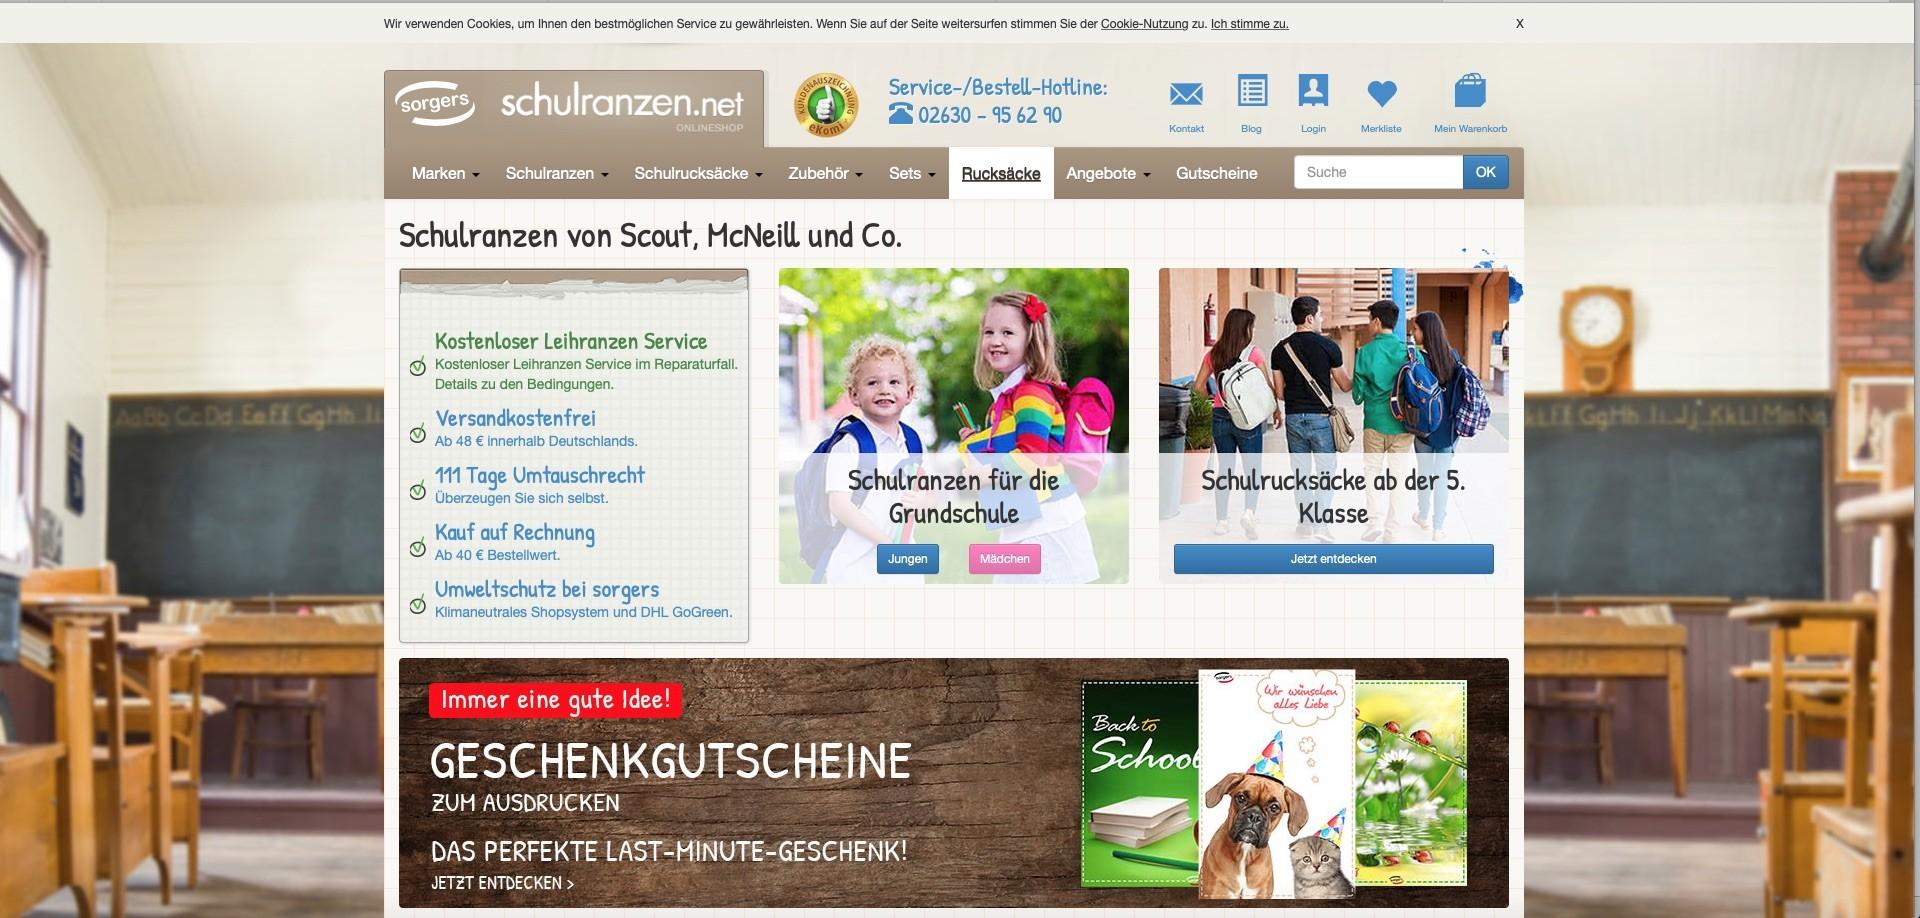 Bildschirmfoto des Onlineauftritts von Schulranzen.net